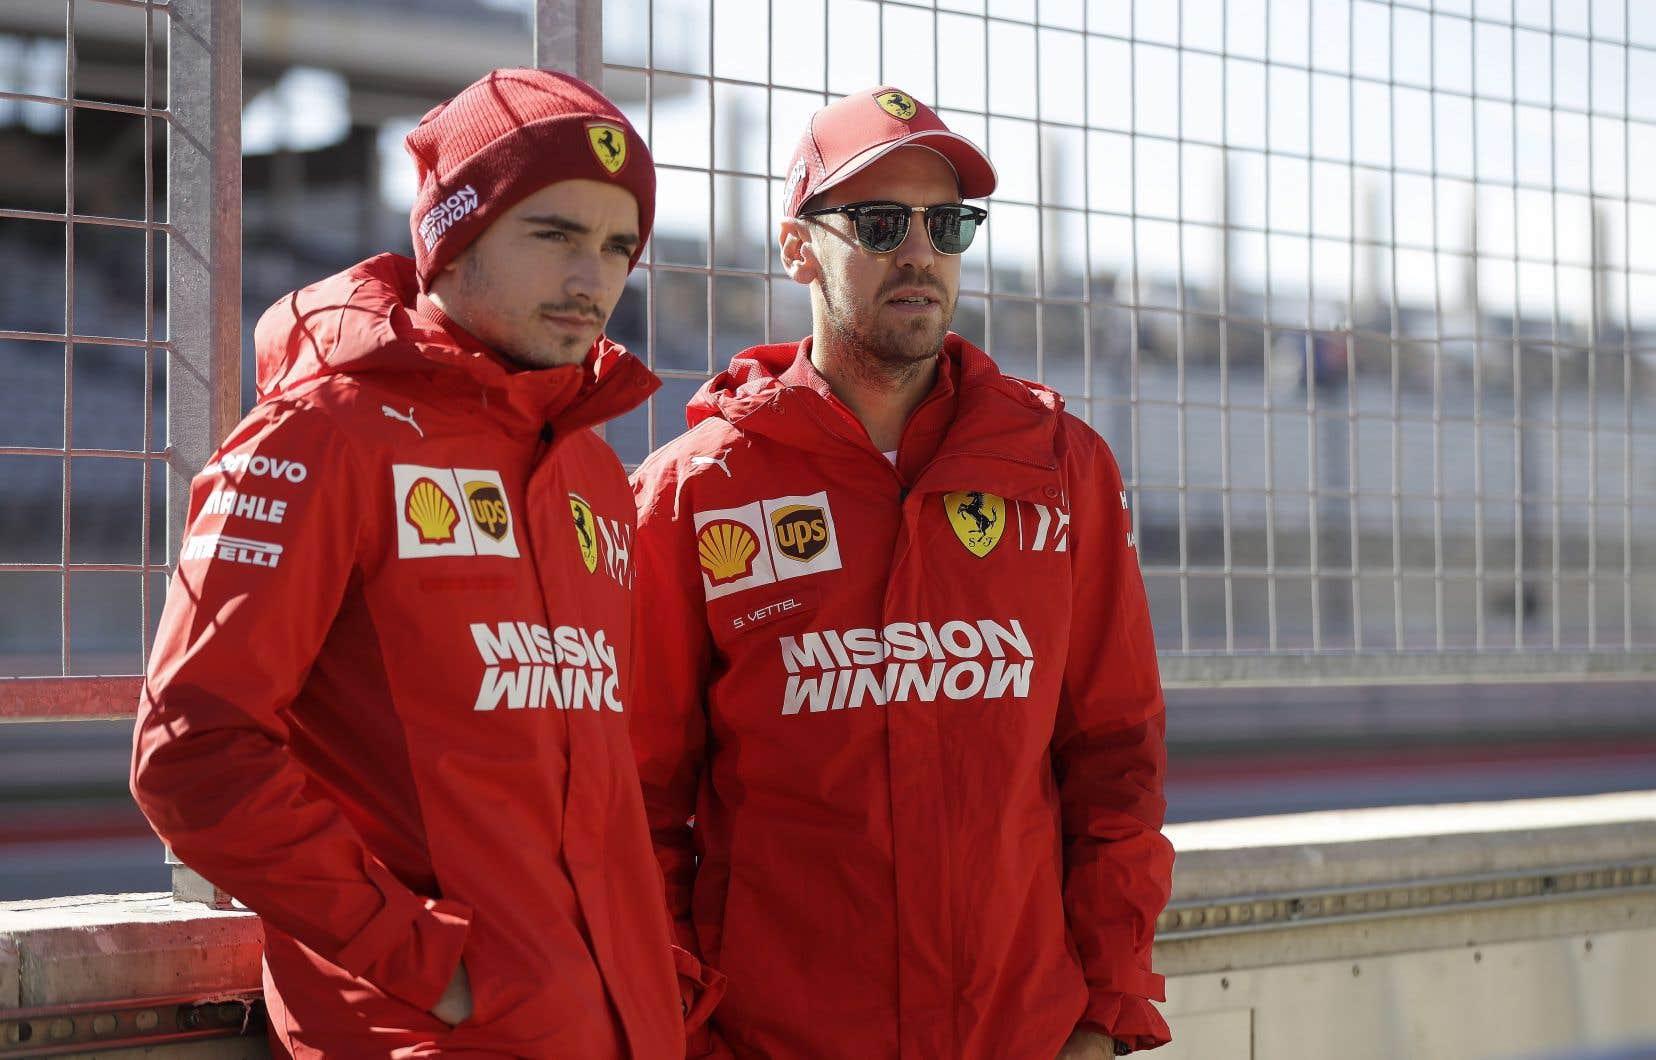 La rivalité entre Sebastian Vettel et Charles Leclerc chez Ferrari devrait être du dernier Grand Prix de la saison de F1.